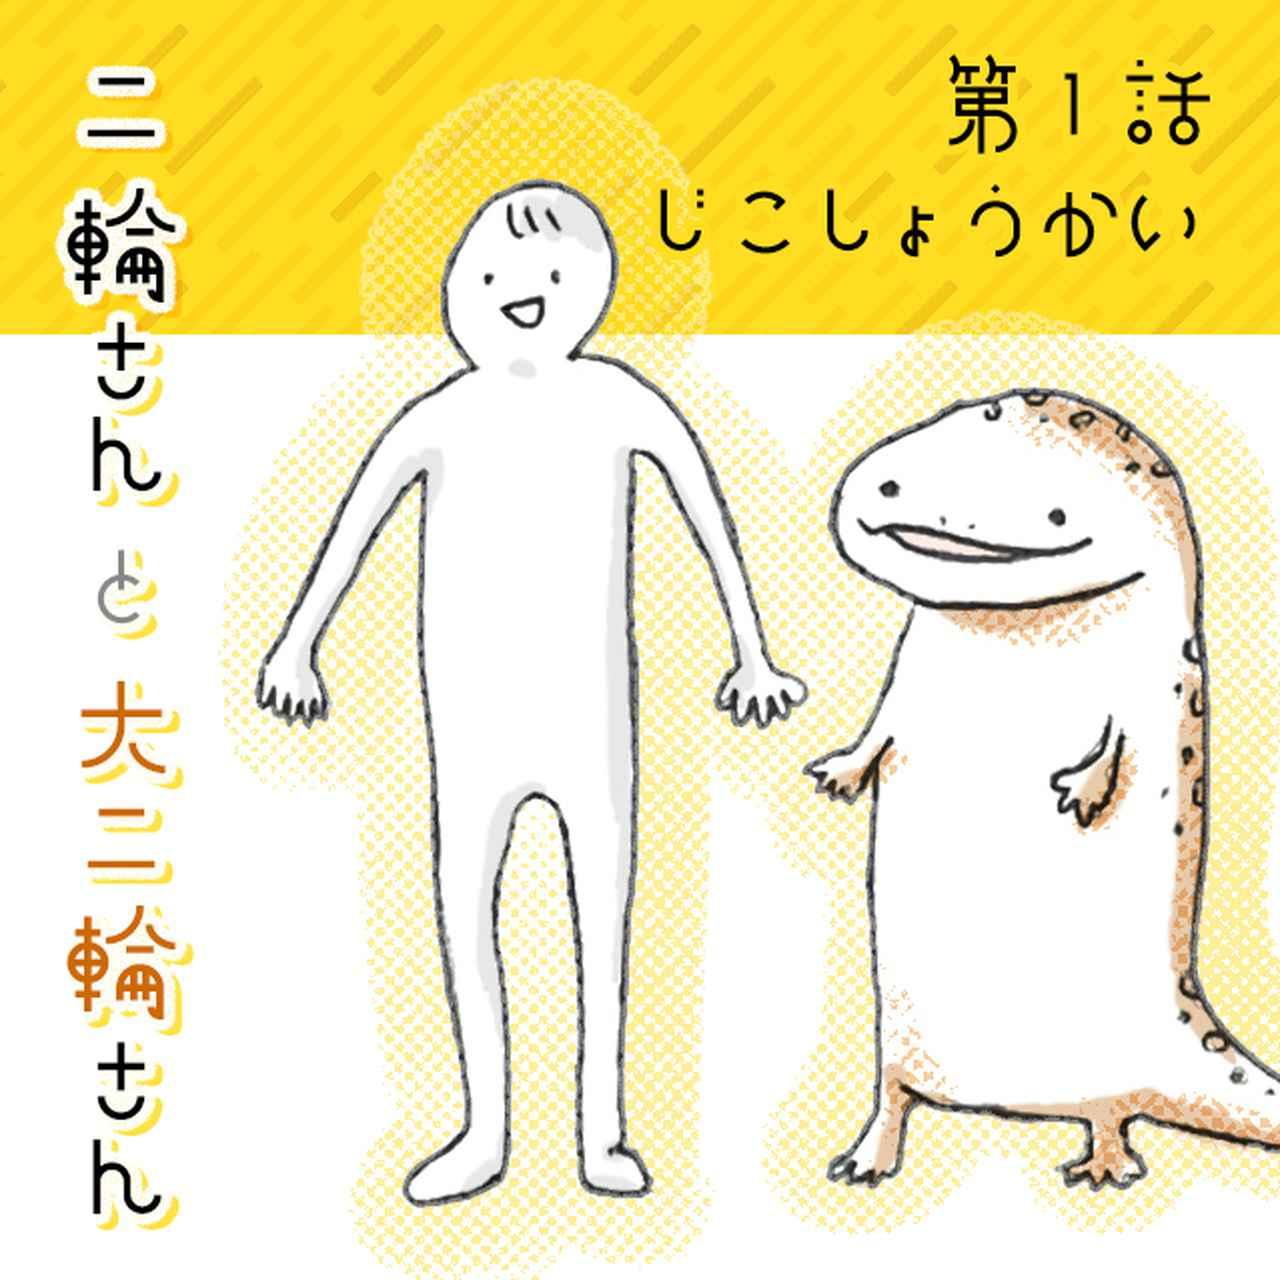 画像2: 編集部の「ゆる記事」が楽しい!!